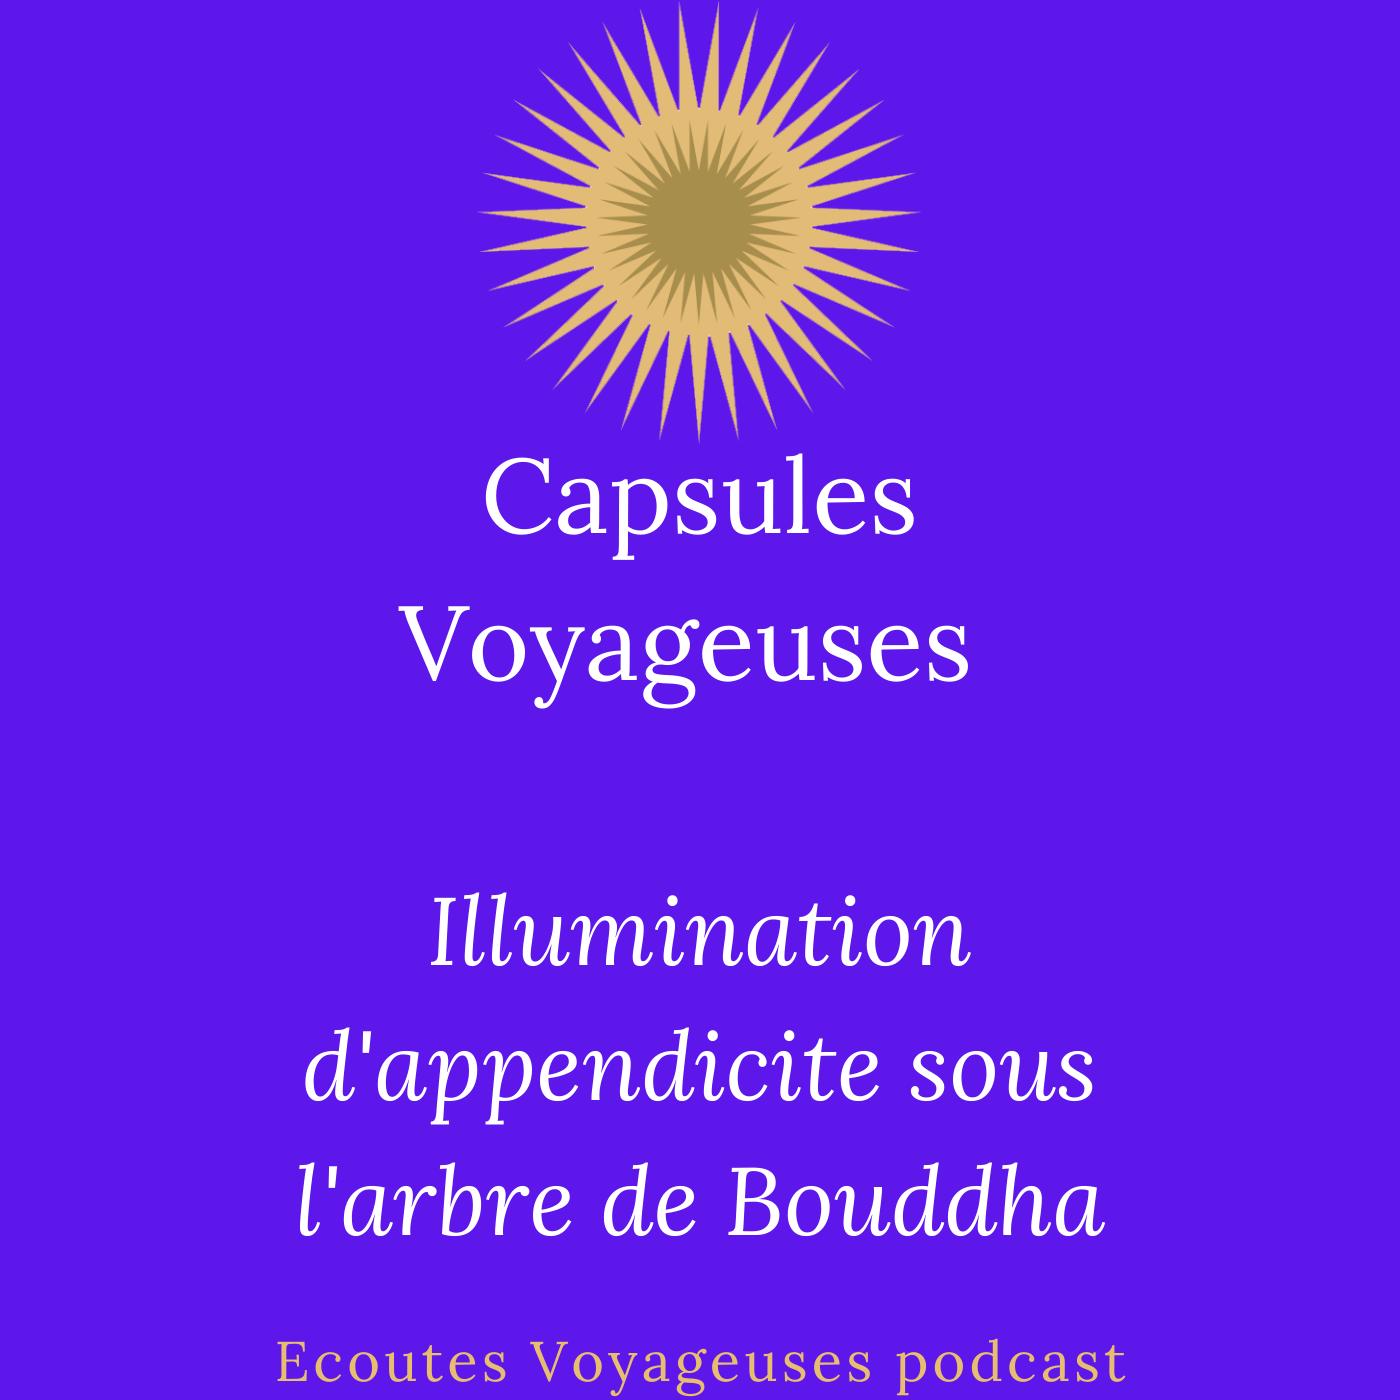 Illumination d'appendicite sous l'arbre de Bouddha / Capsules Voyageuses